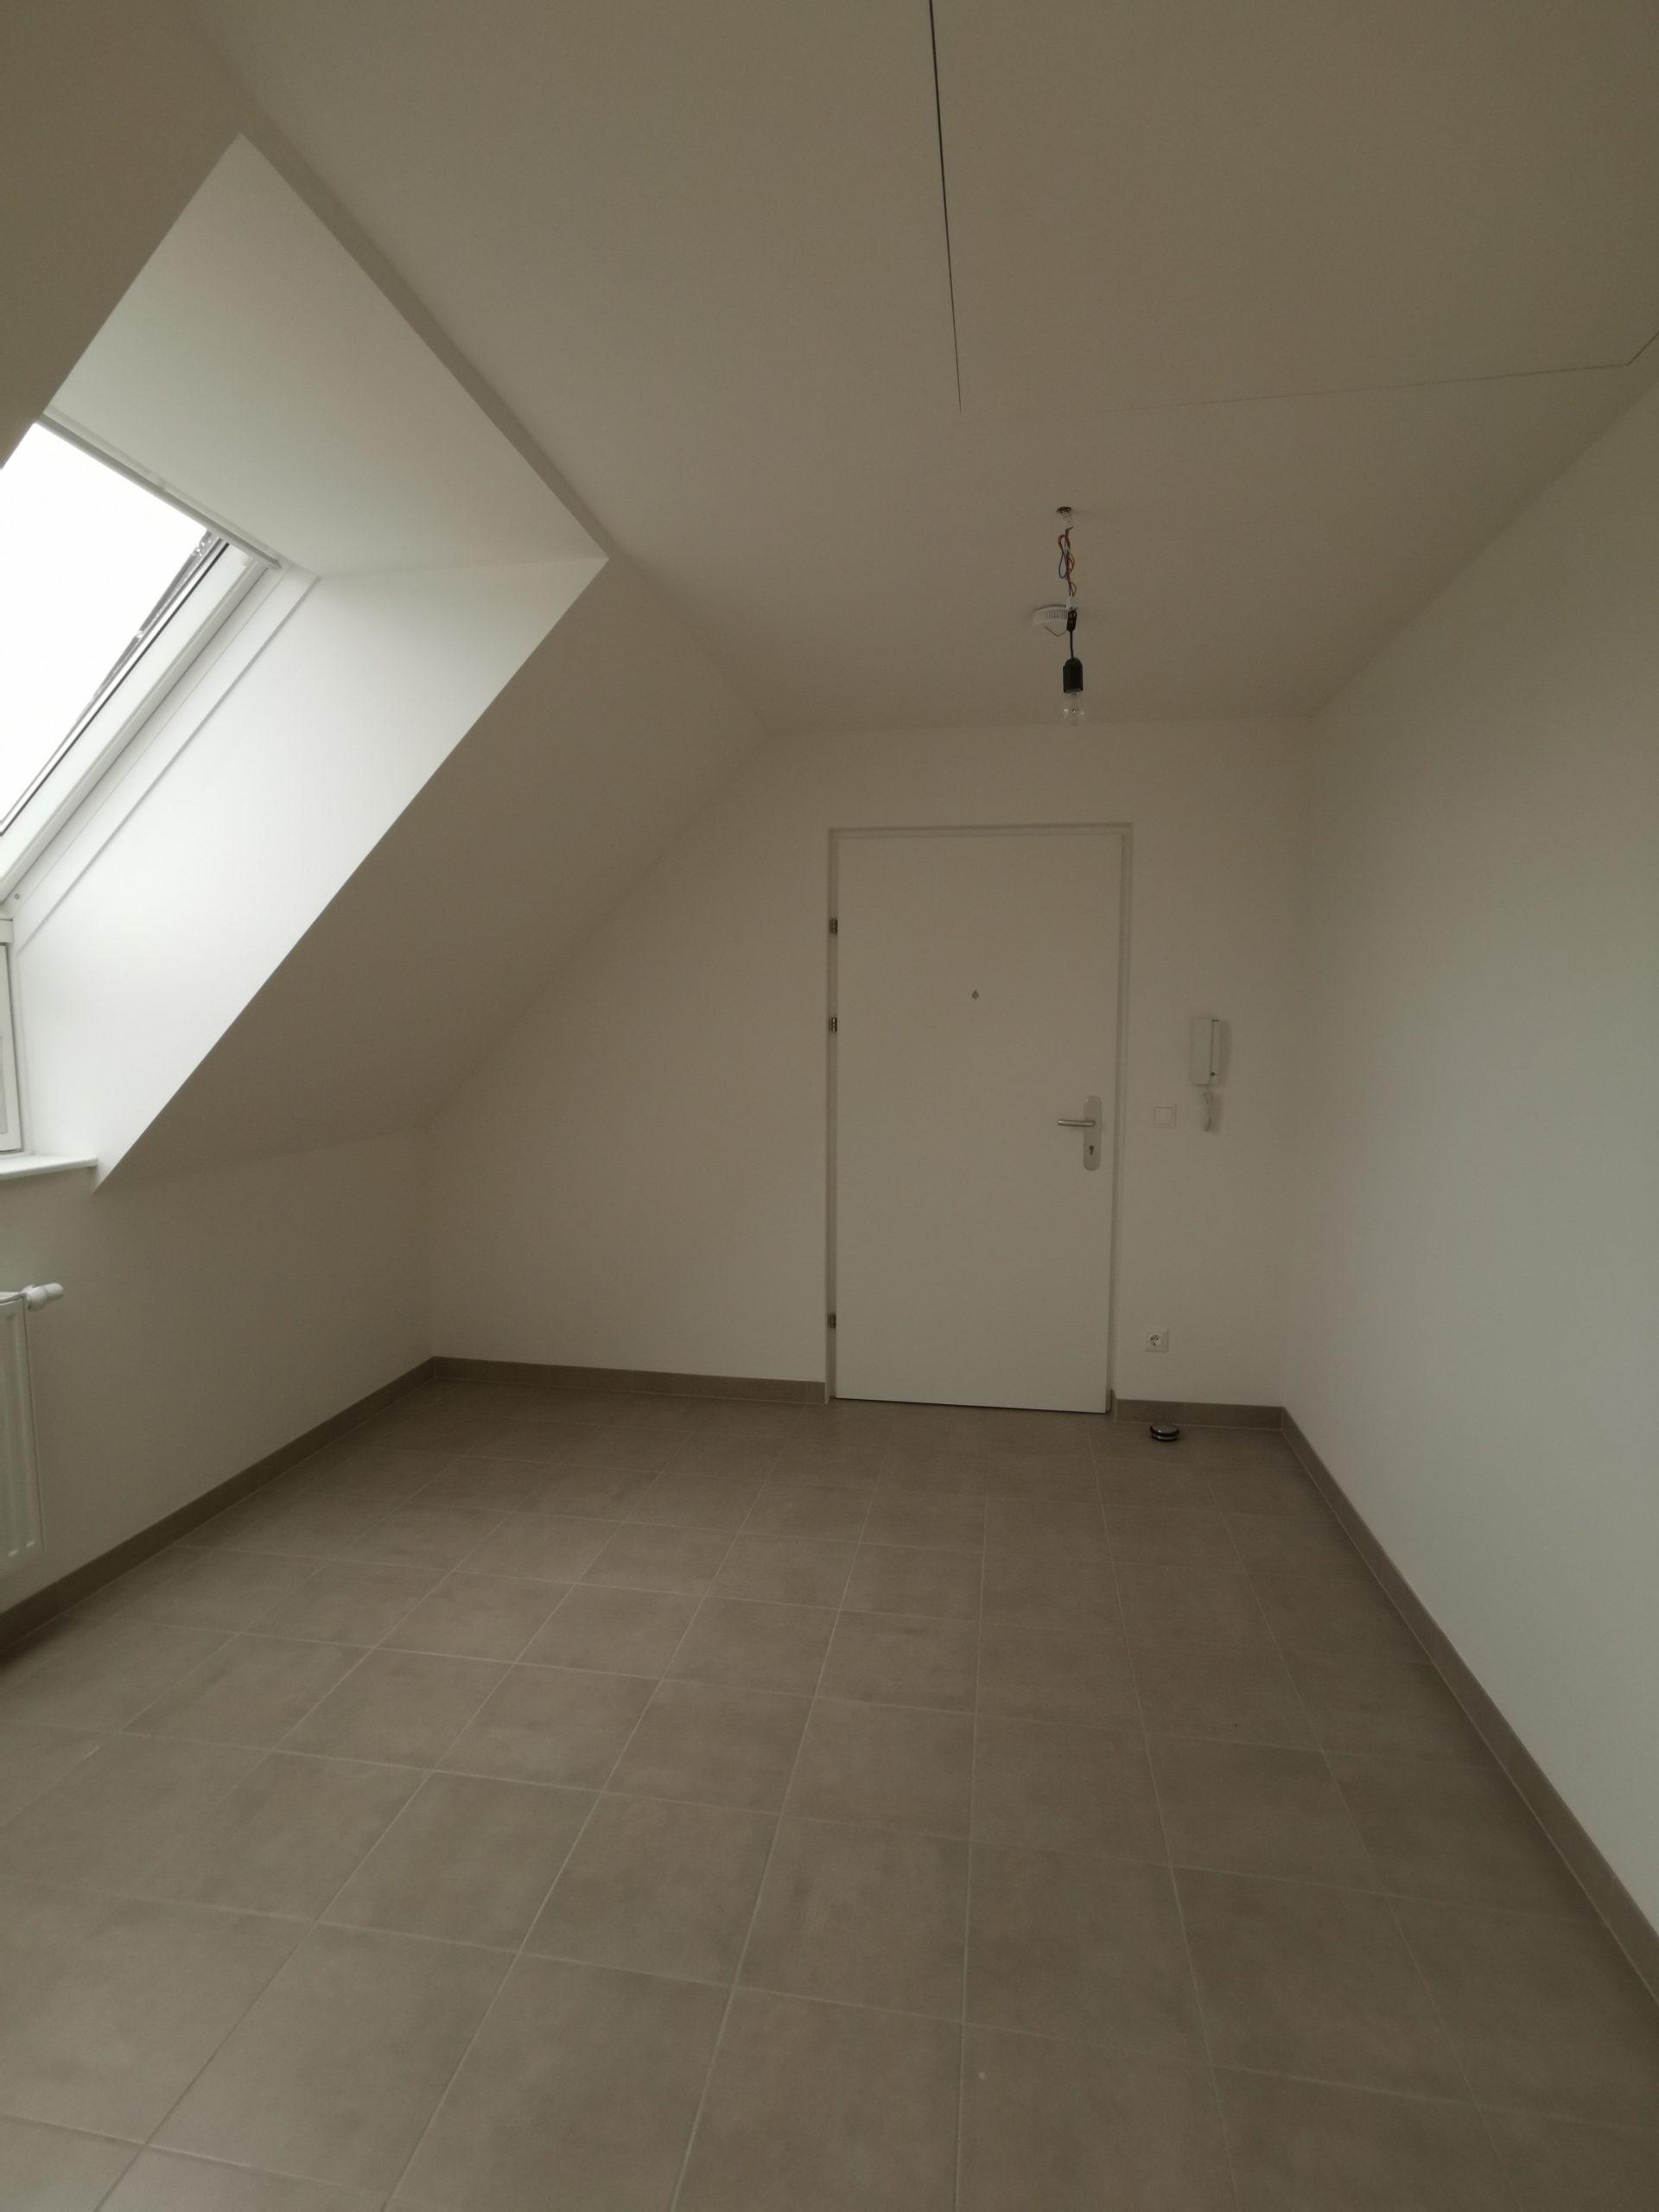 Immobilie von Kamptal in 3571 Gars am Kamp, Horn, Gars V - Top 208 #15